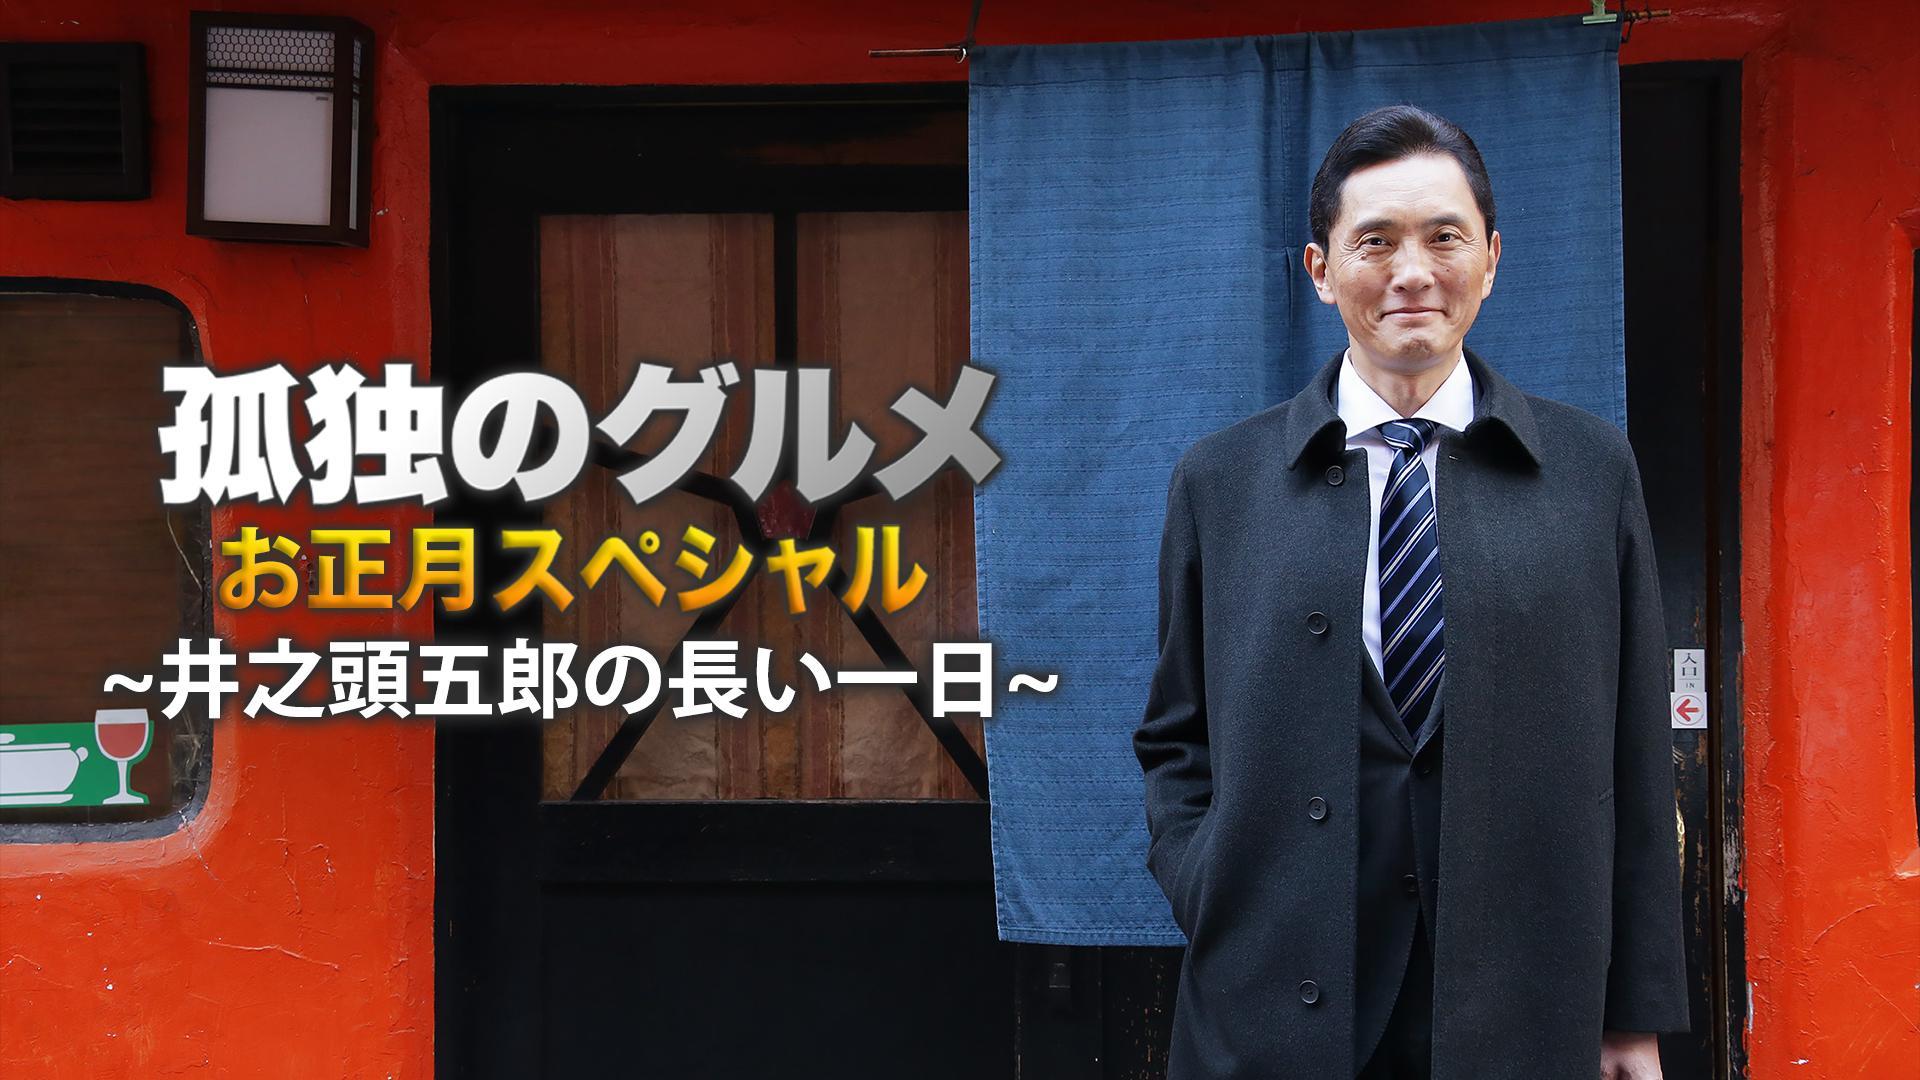 孤独のグルメお正月スペシャル!~井之頭五郎の長い一日~